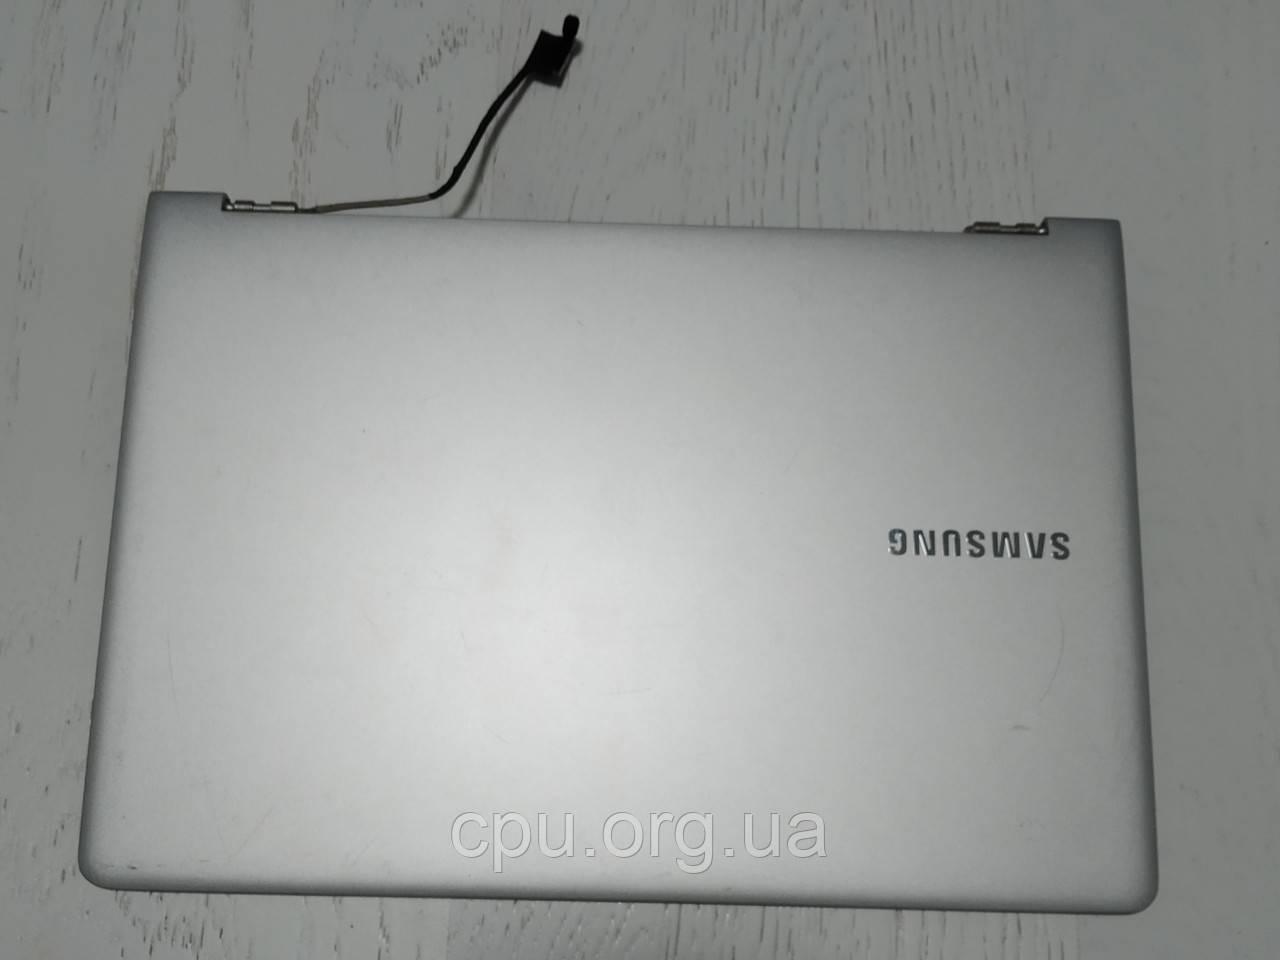 Samsung NP900X3D крышка и рамка матрицы + шлейф + веб камера